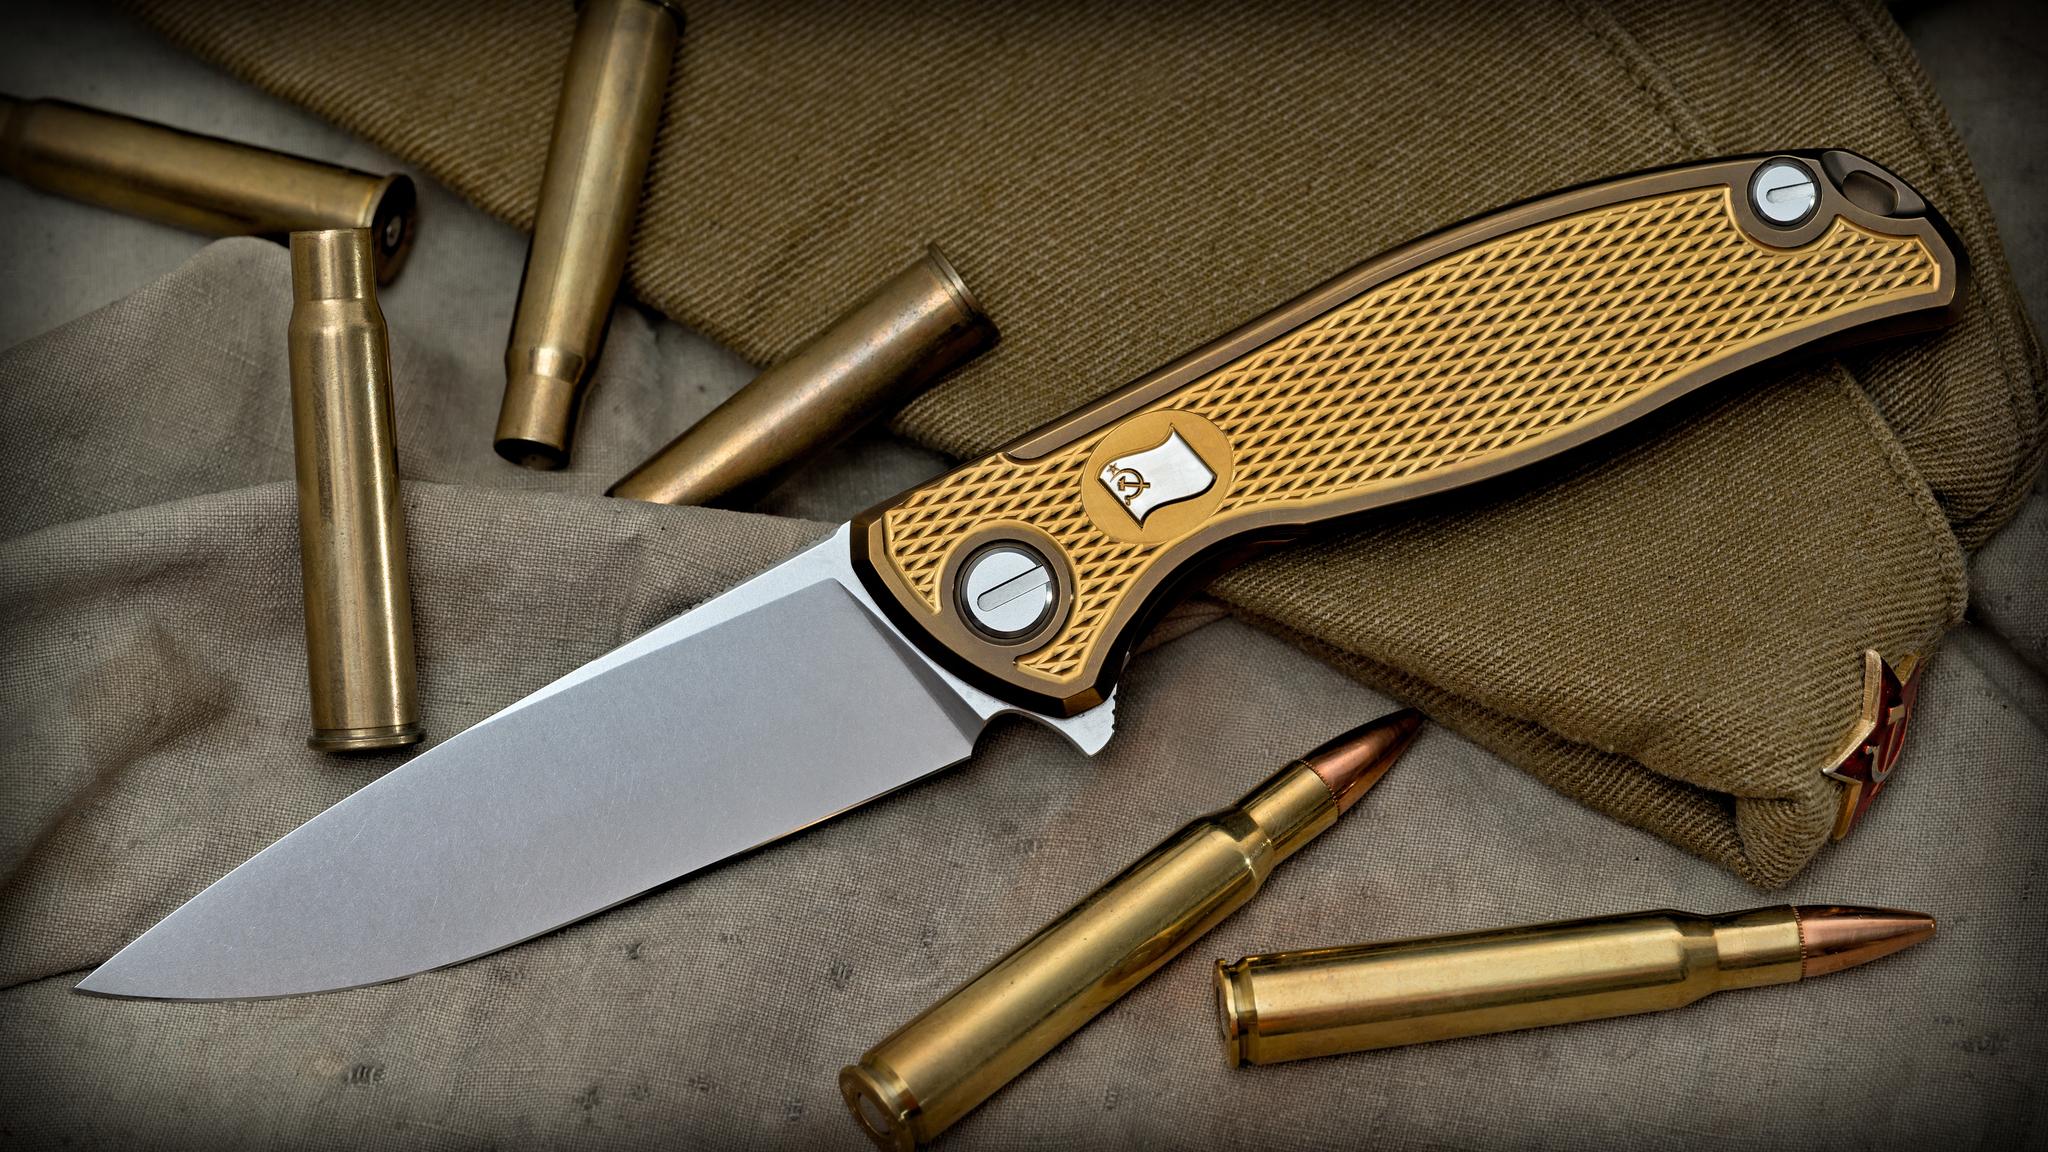 Нож Широгоров Знамя Победы Кастом Elmax - фотография